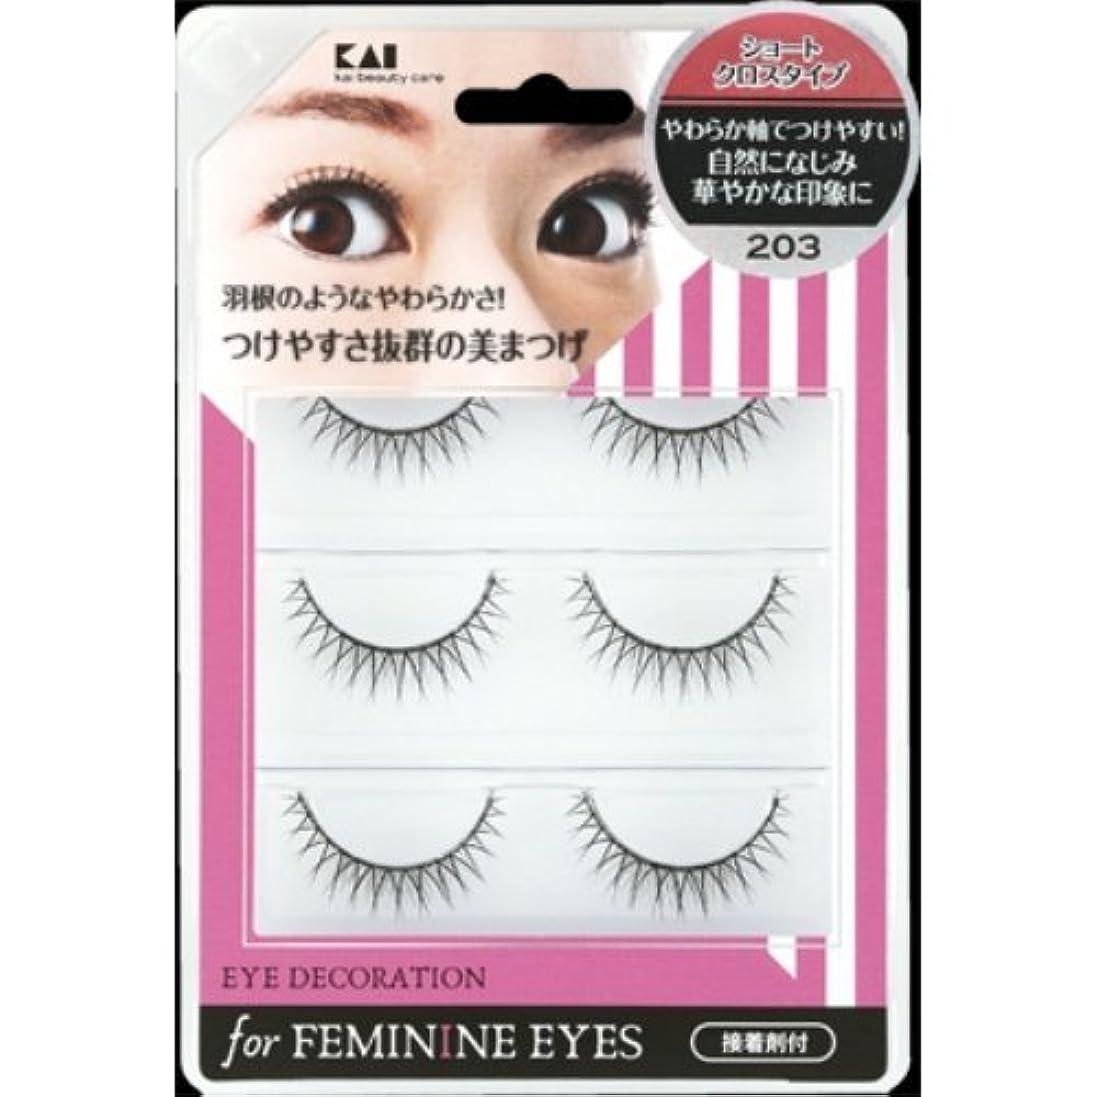 アナロジー発行するオレンジ貝印 アイデコレーション for feminine eyes 203 HC1560